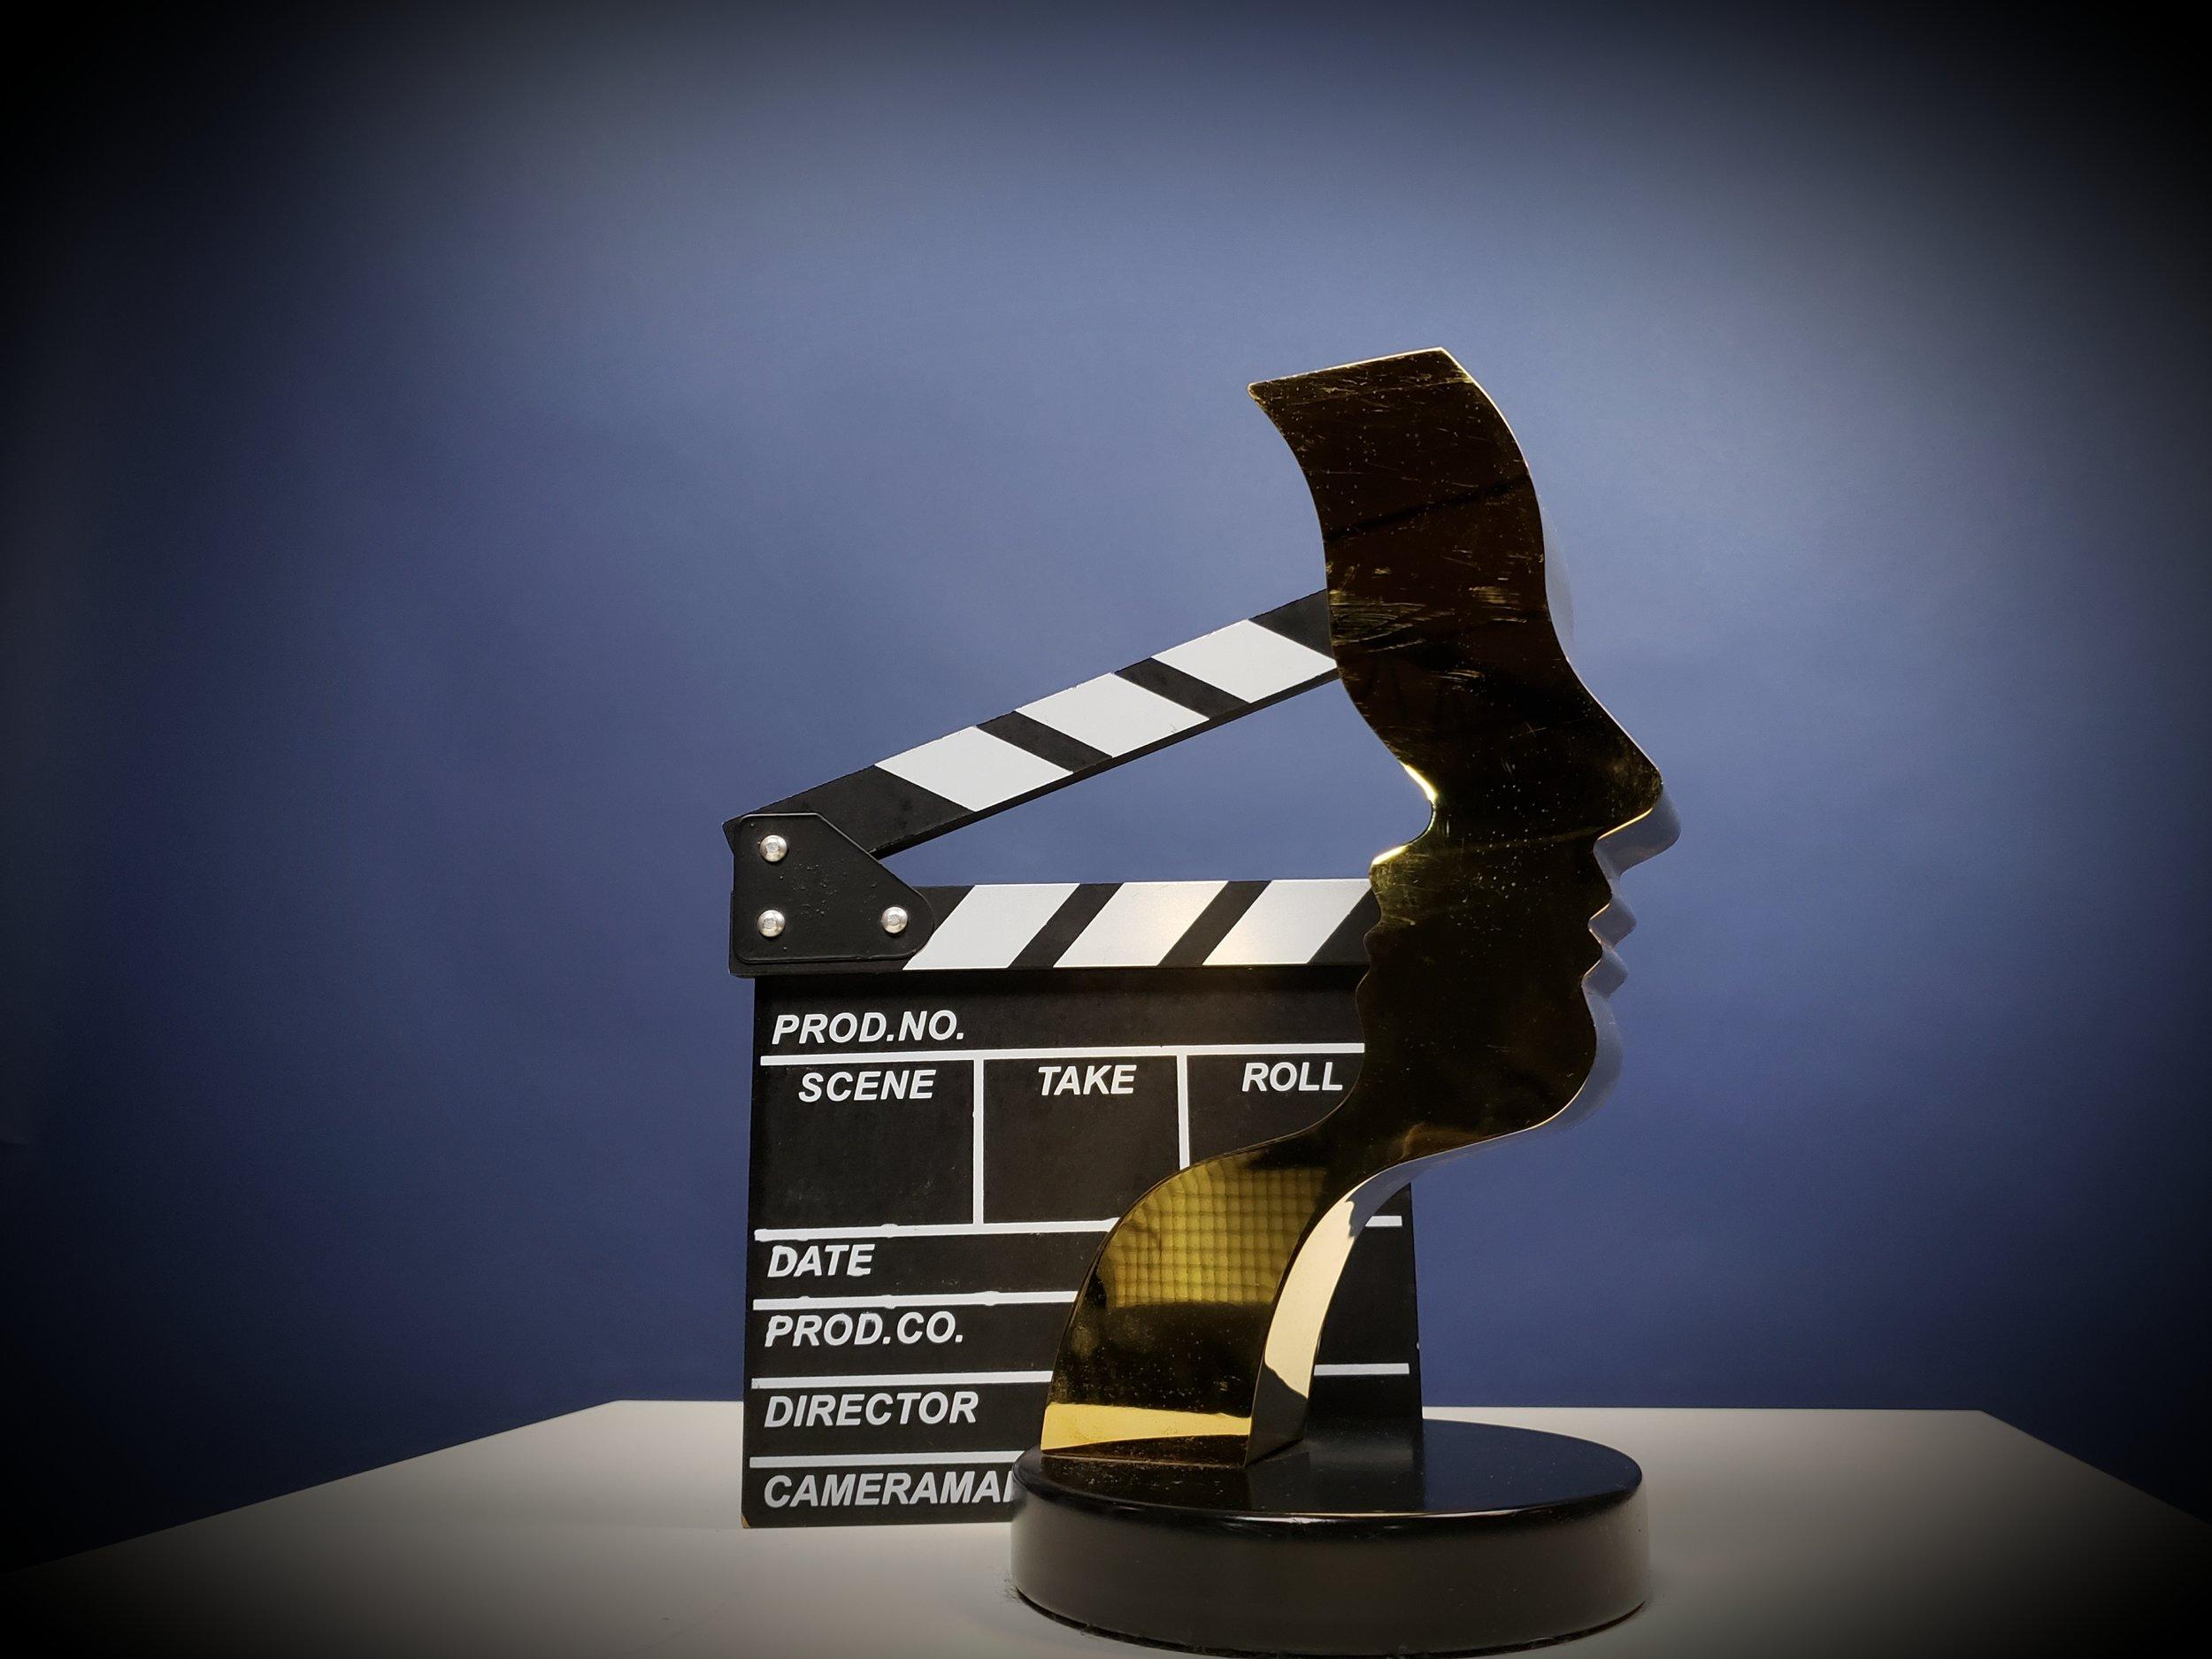 actor-studio-4points-film